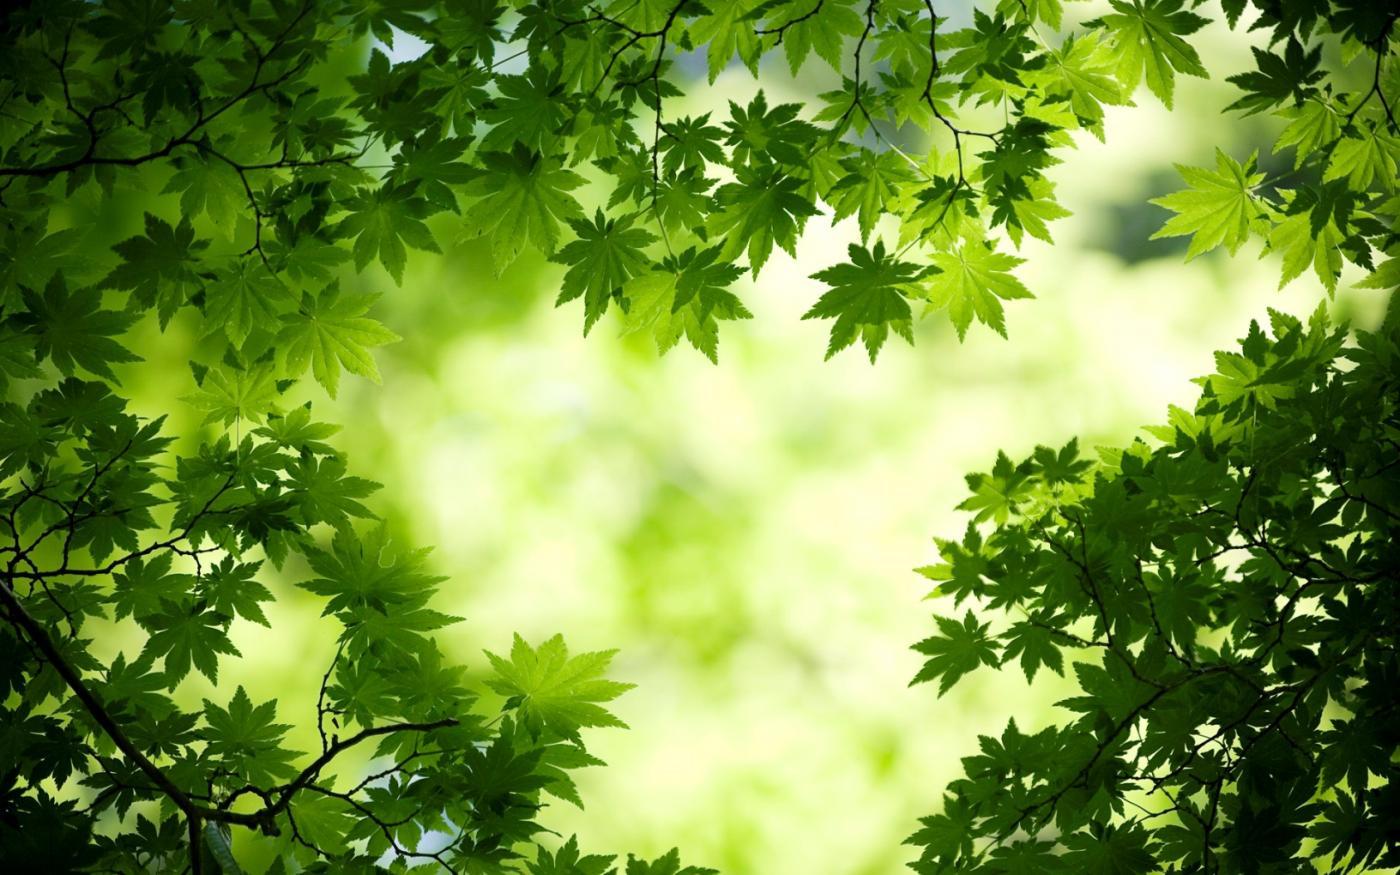 green_maple_leaves-wide.jpg